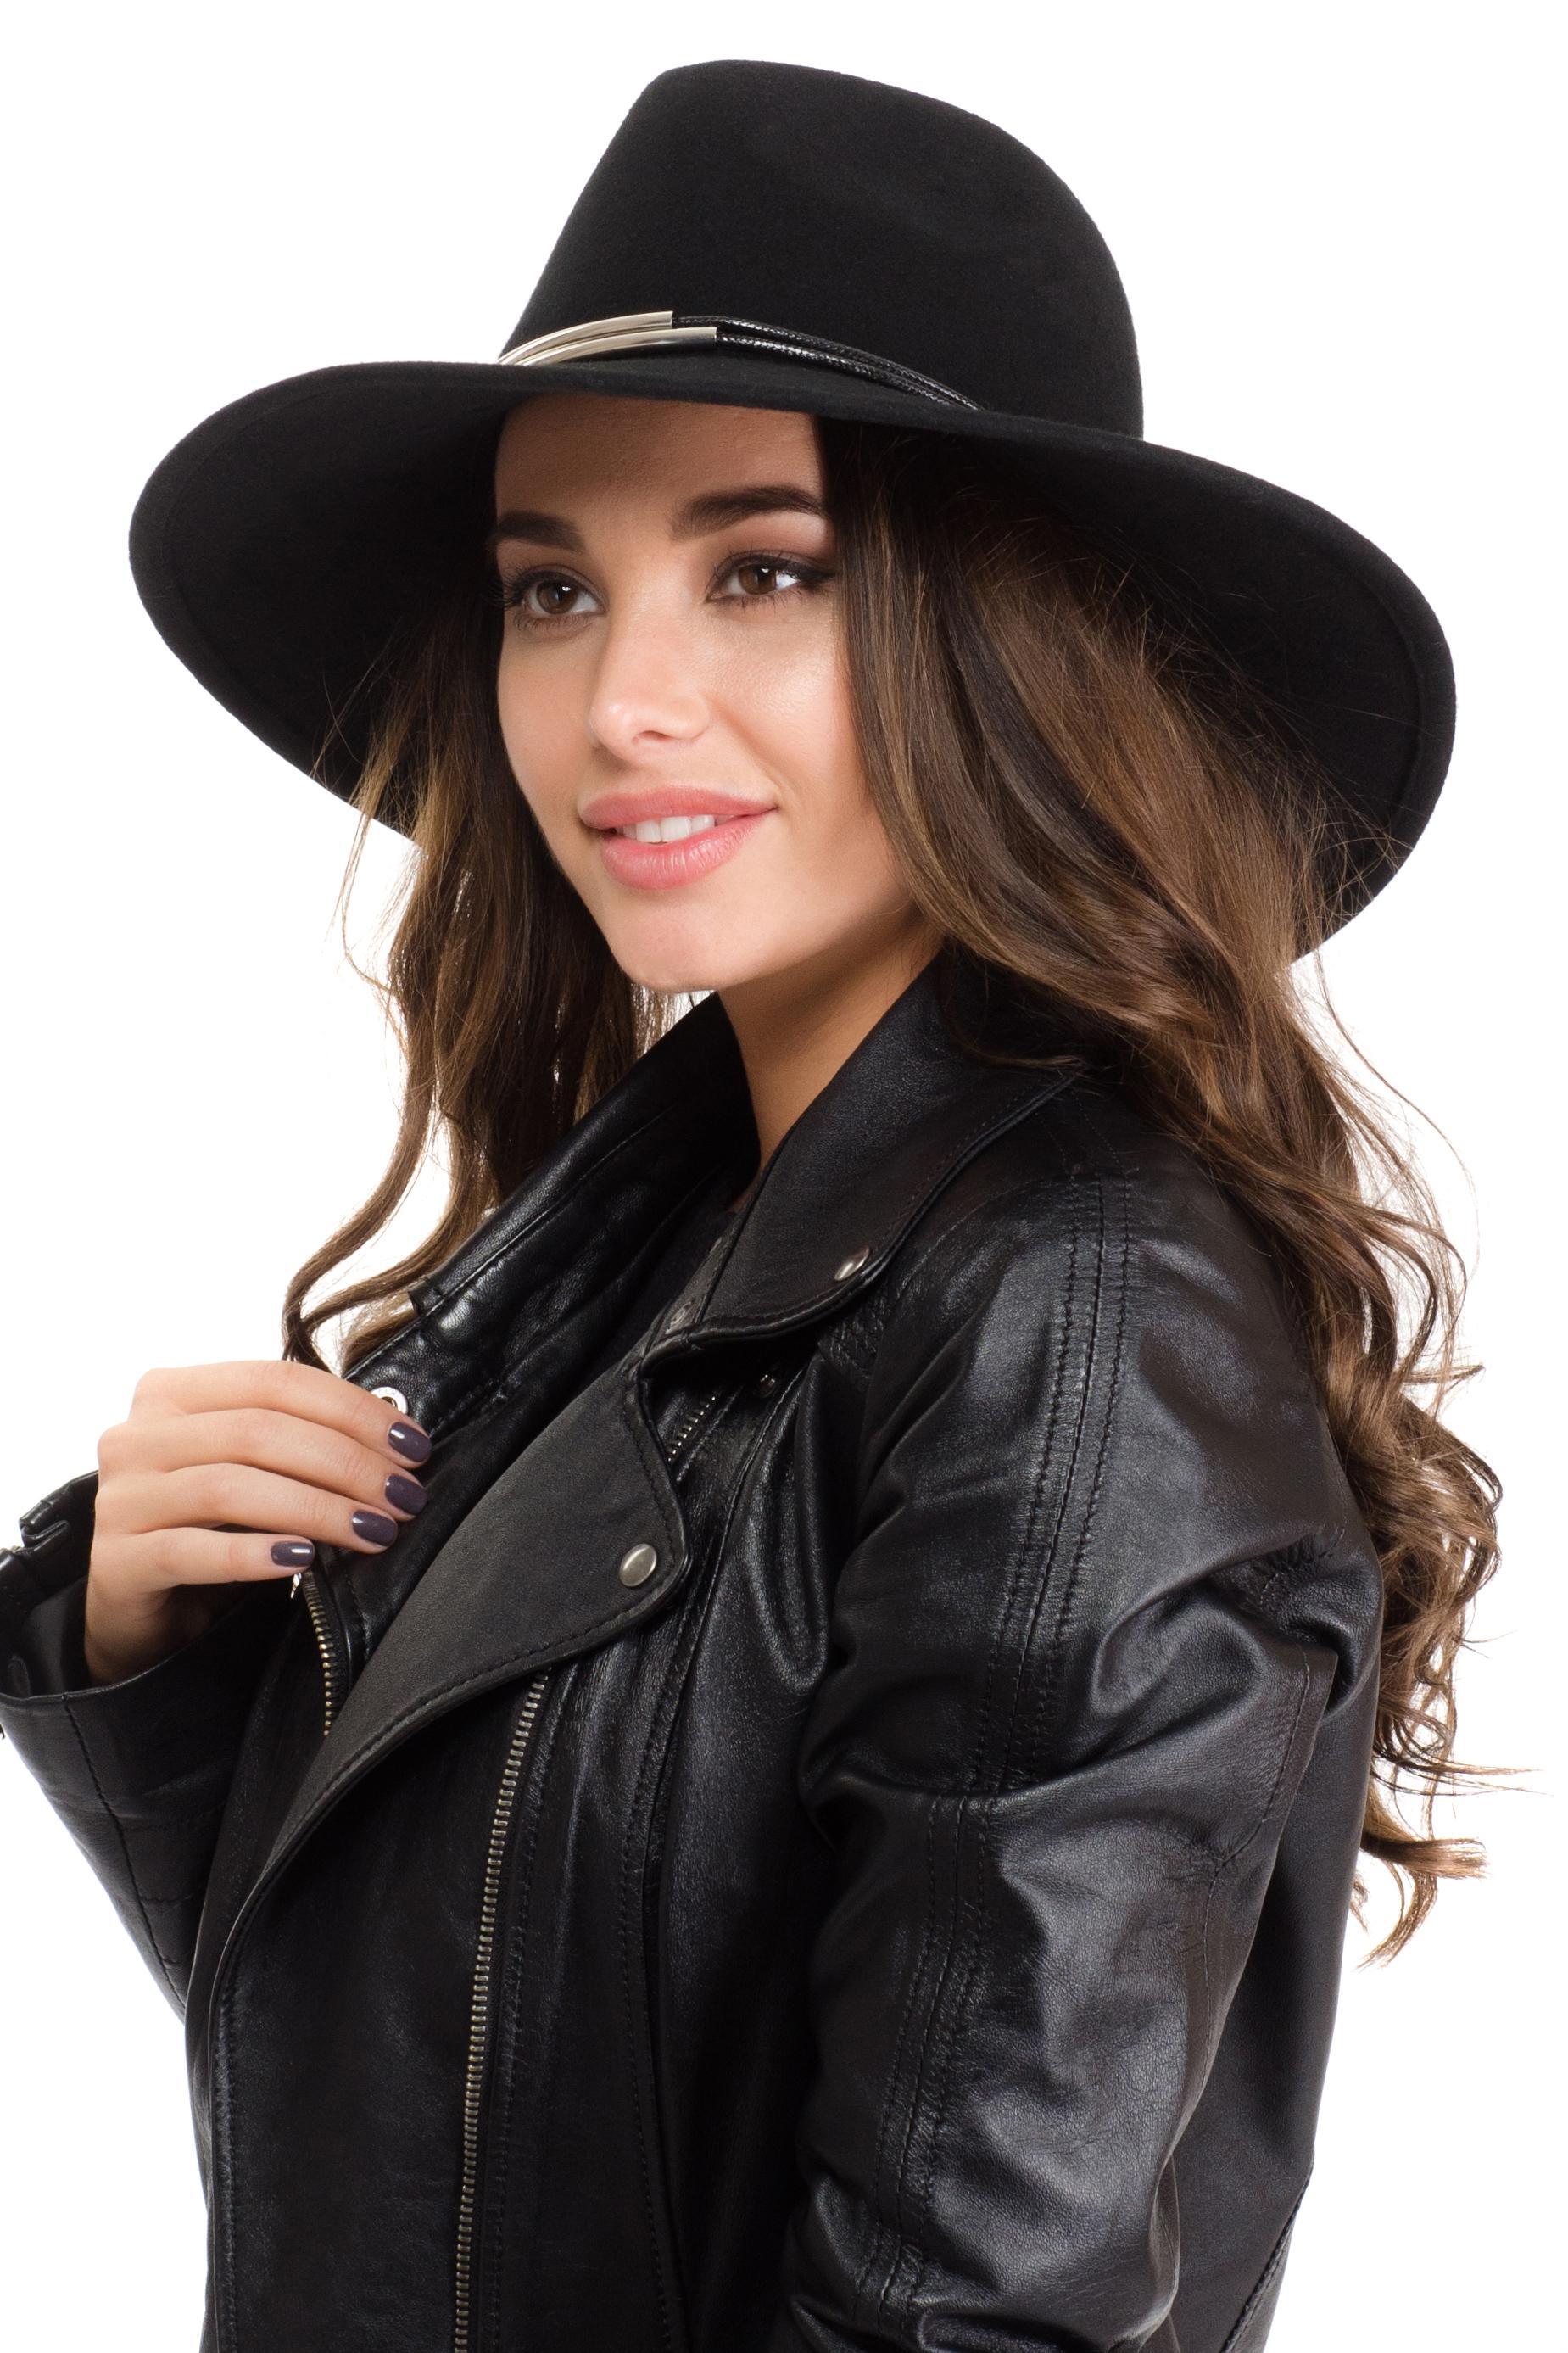 Шляпа141B-1601Элегантная женская шляпа Moltini, выполненная из высококачественного фетра, дополнит любой образ. Модель широкими полями и высокой тульей. Шляпа-клош по тулье декорирована двумя тонкими веревочками с металлическими трубками. Внутри модель дополнена плотной тесьмой для комфортной посадки изделия по голове. Аккуратные поля шляпы придадут вашему образу таинственности и шарма. Такая шляпа подчеркнет вашу неповторимость и прекрасный вкус.